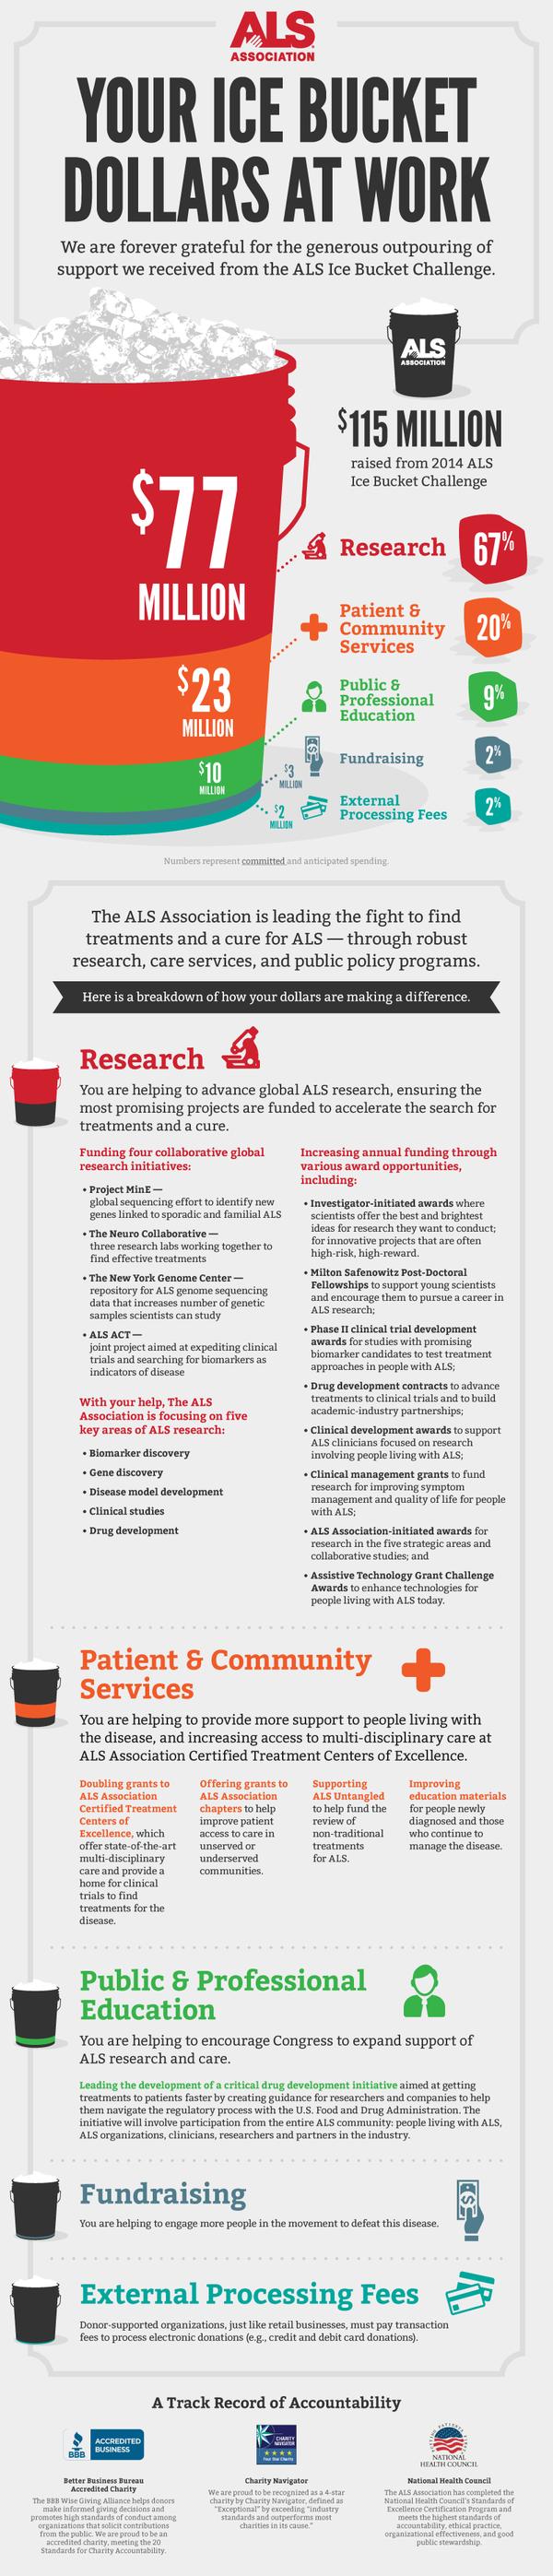 Als-ibc-infographic-final-20150714